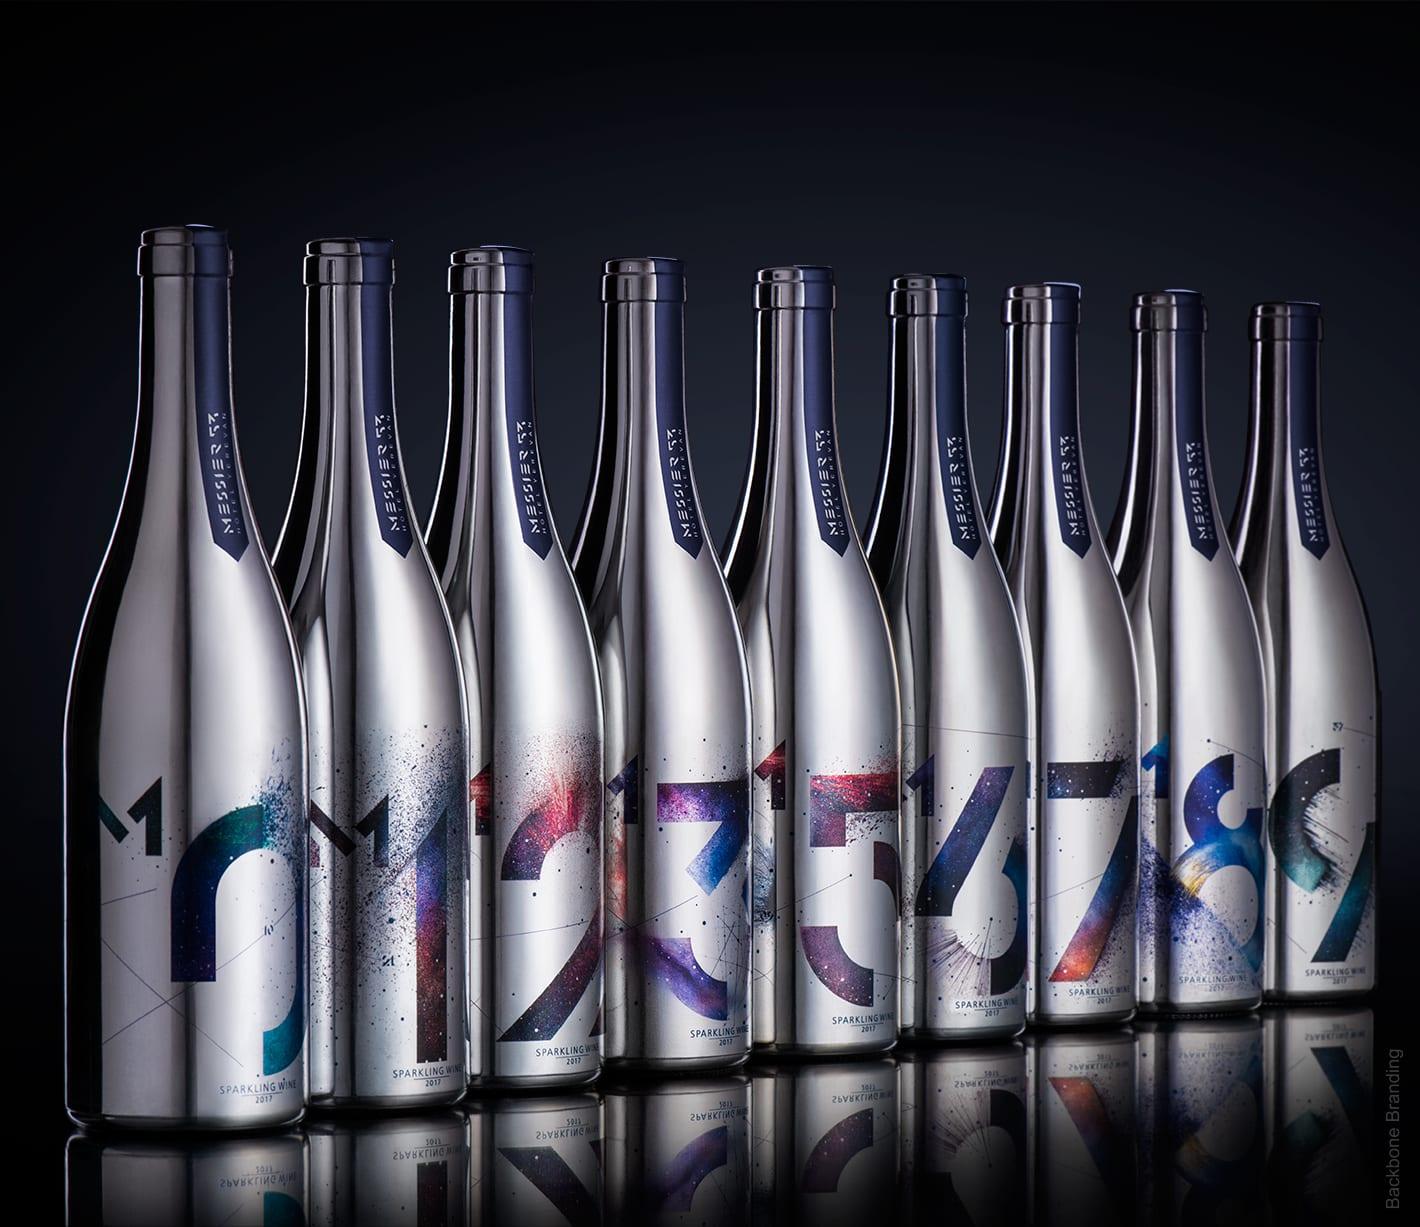 Messier 53 Wine Backbone 1 - Ach, tie obaly – Messier 53 Wine